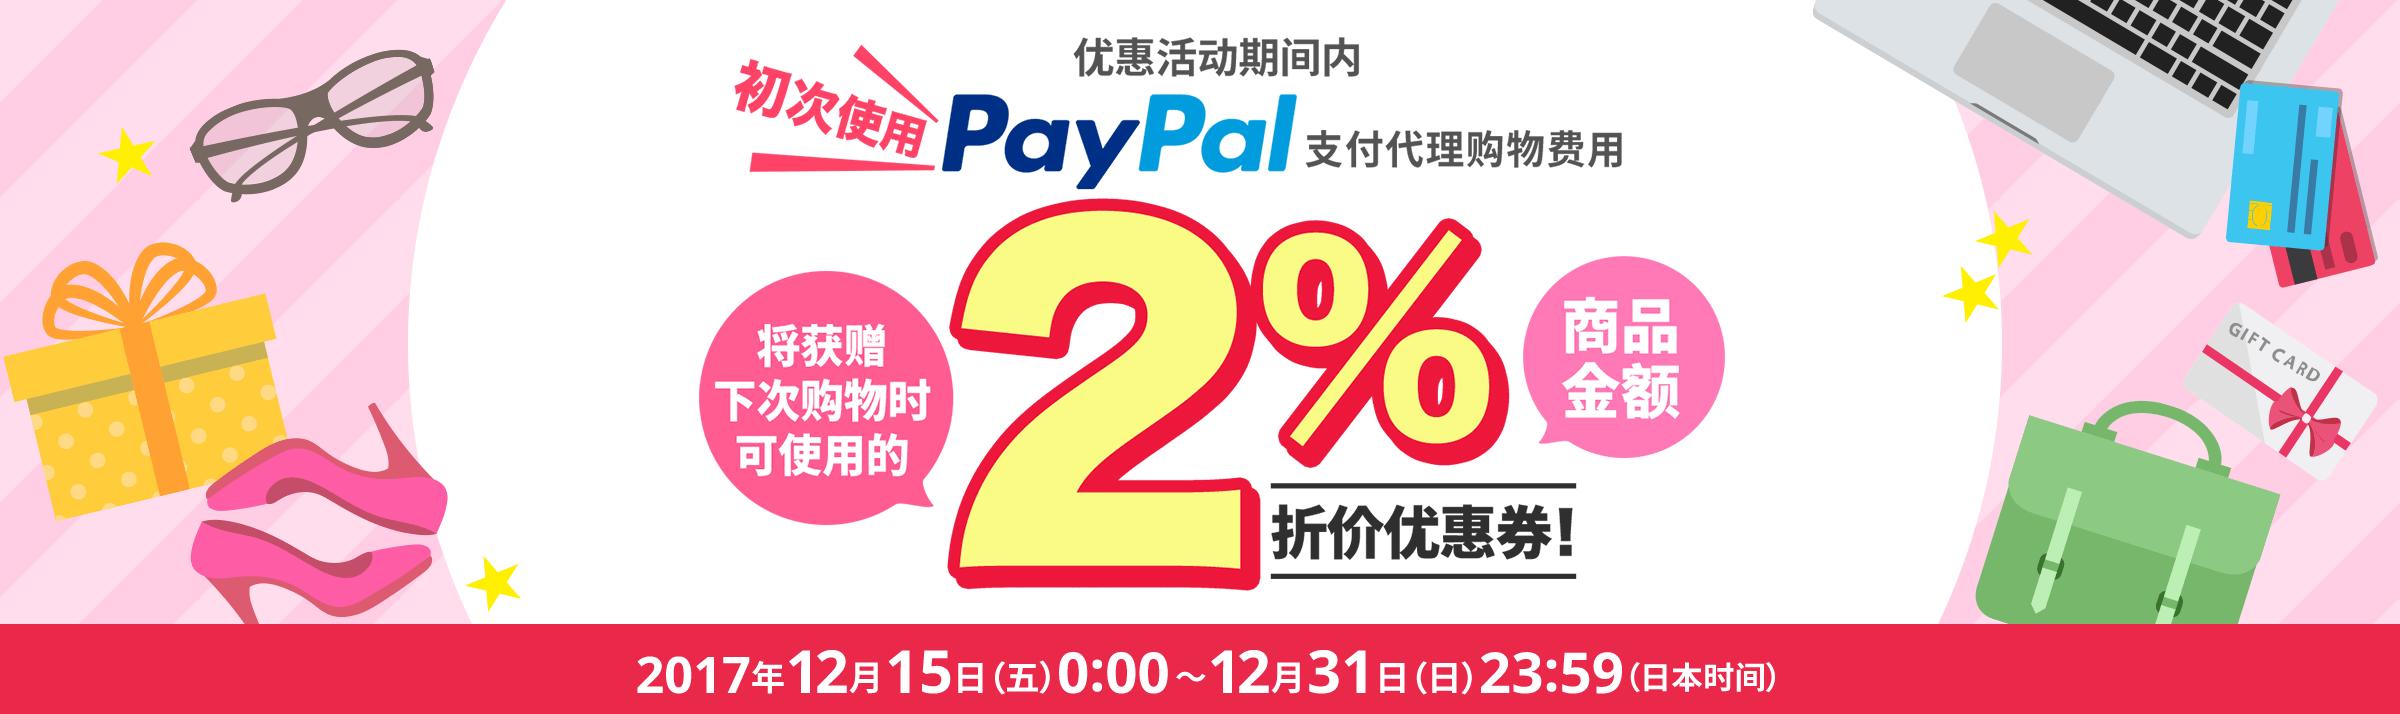 首次限定 使用PayPal支付代理购物费用后,即赠送下次购物可使用的商品金额2%折价优惠券!